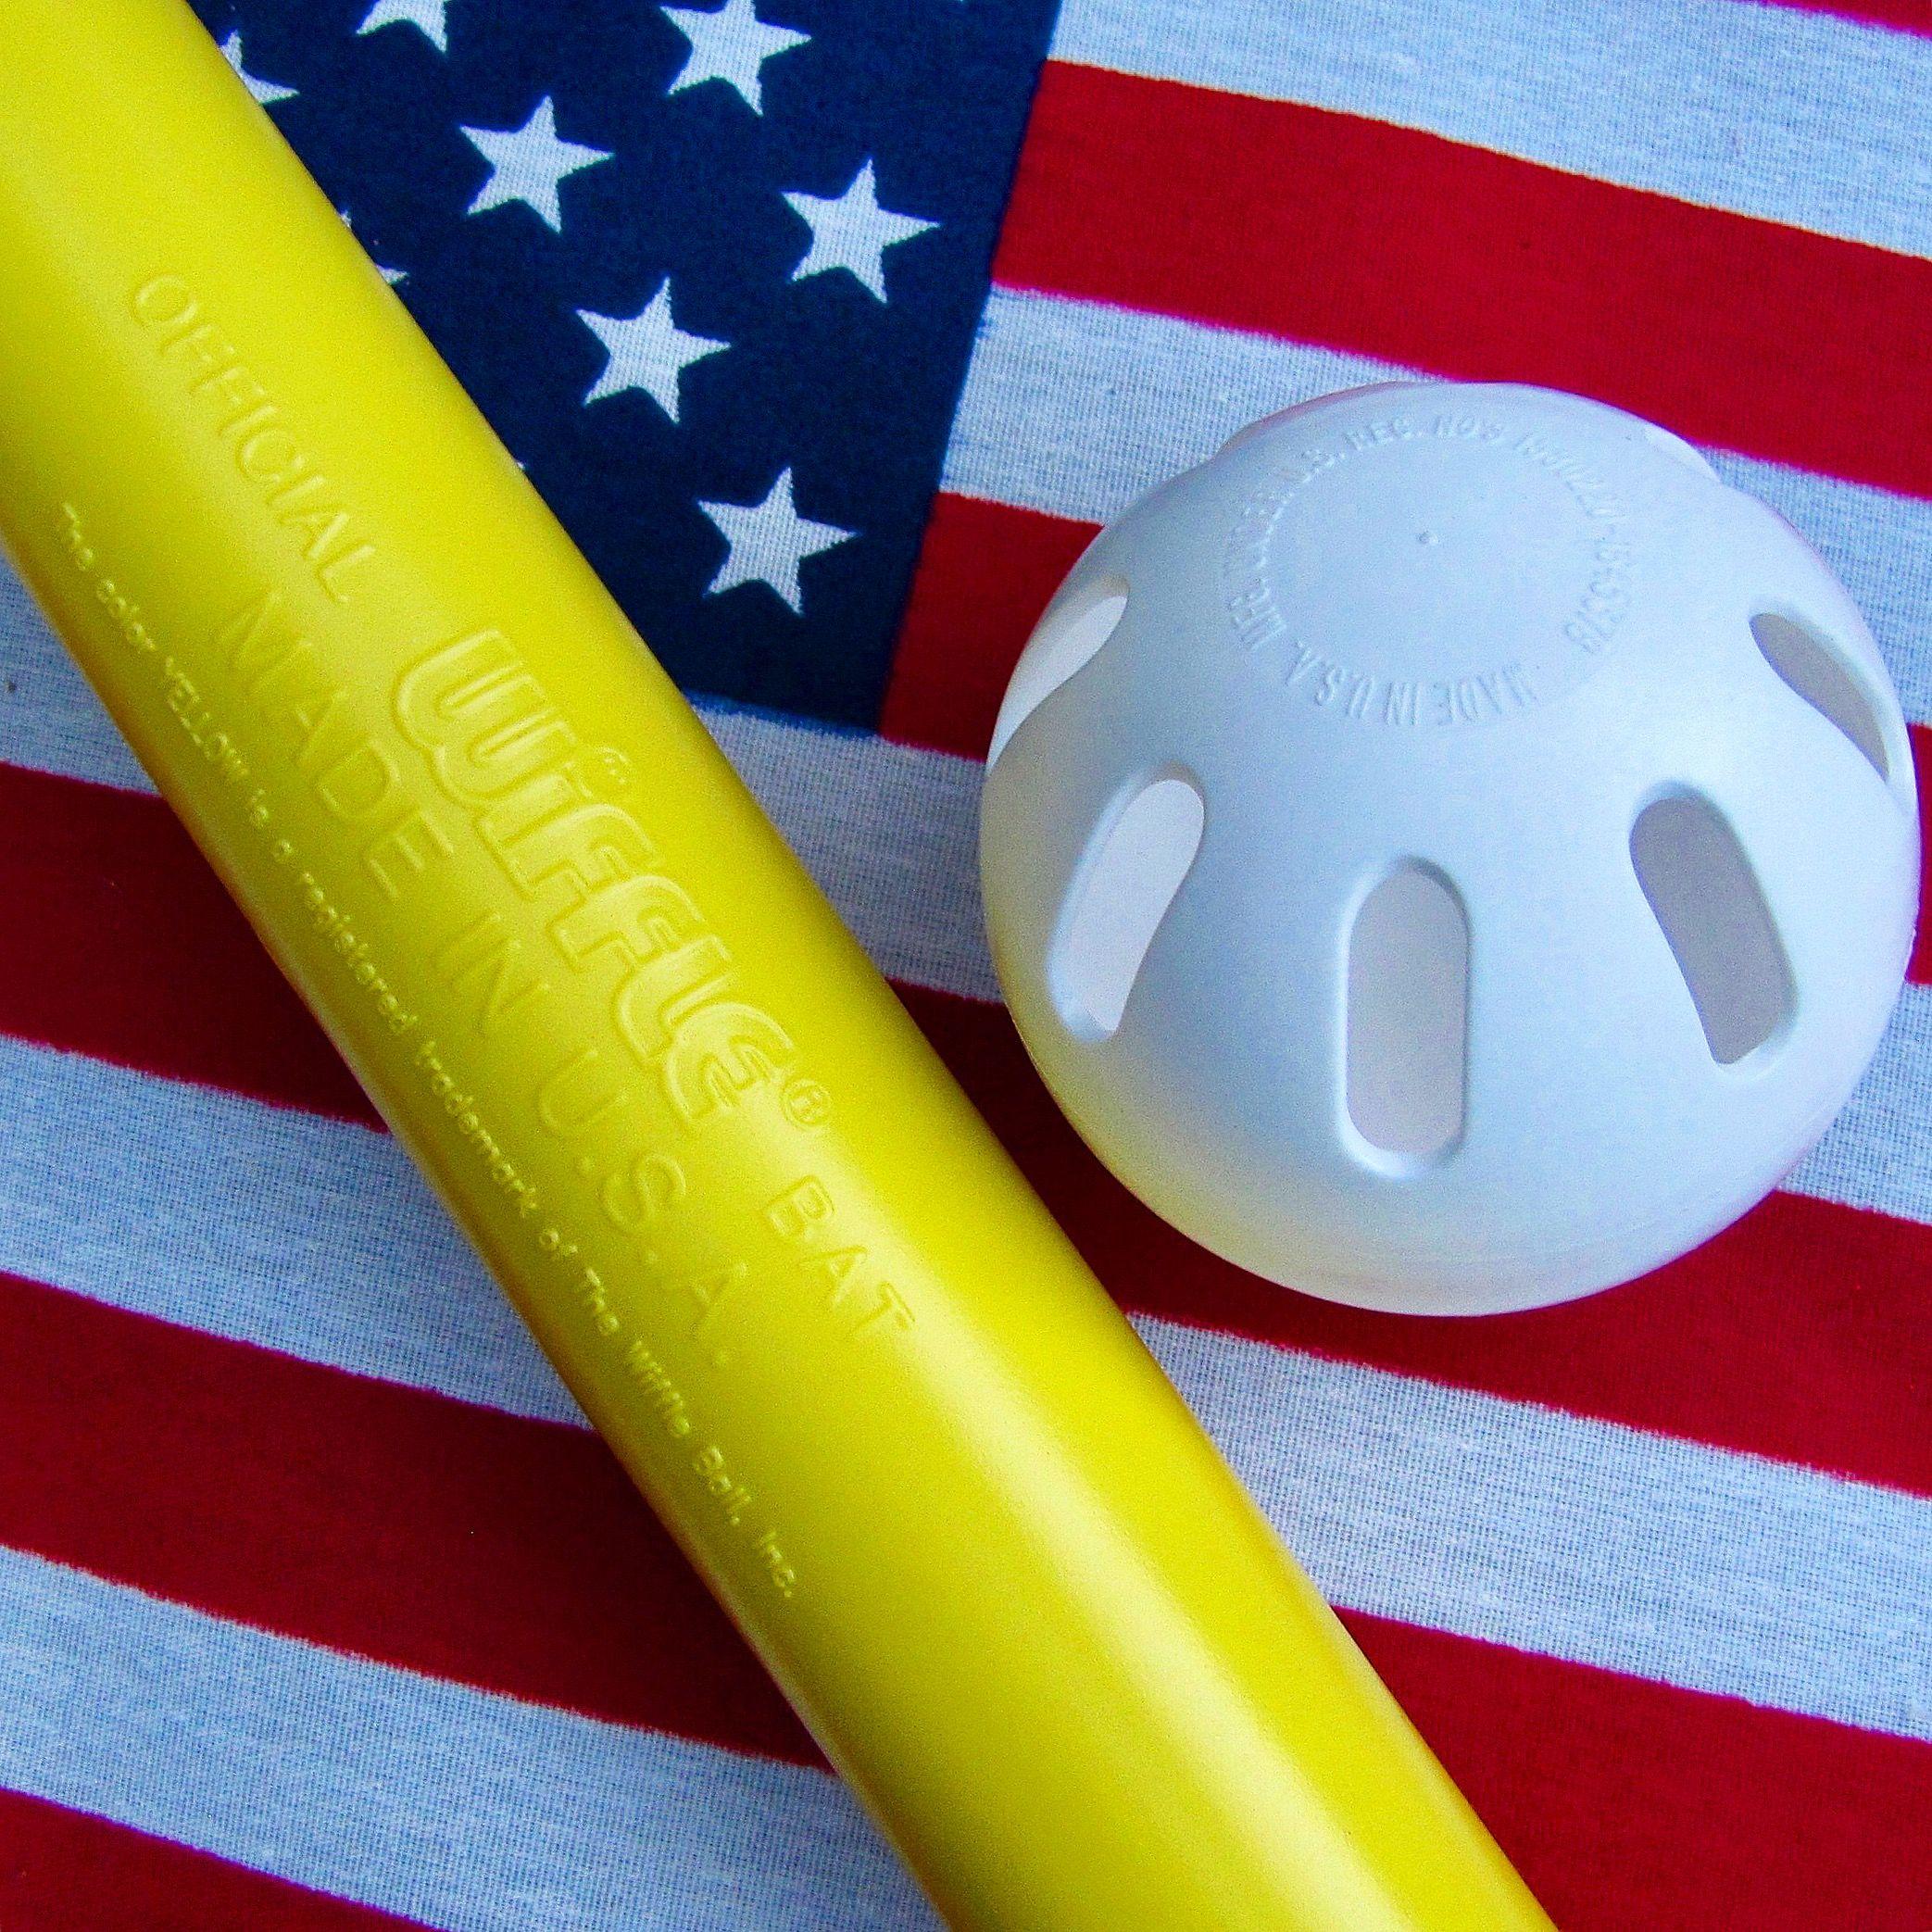 Happy Fourth Of July! 🇺🇸 WIFFLE® Ball! #Wiffle #Wiffleball